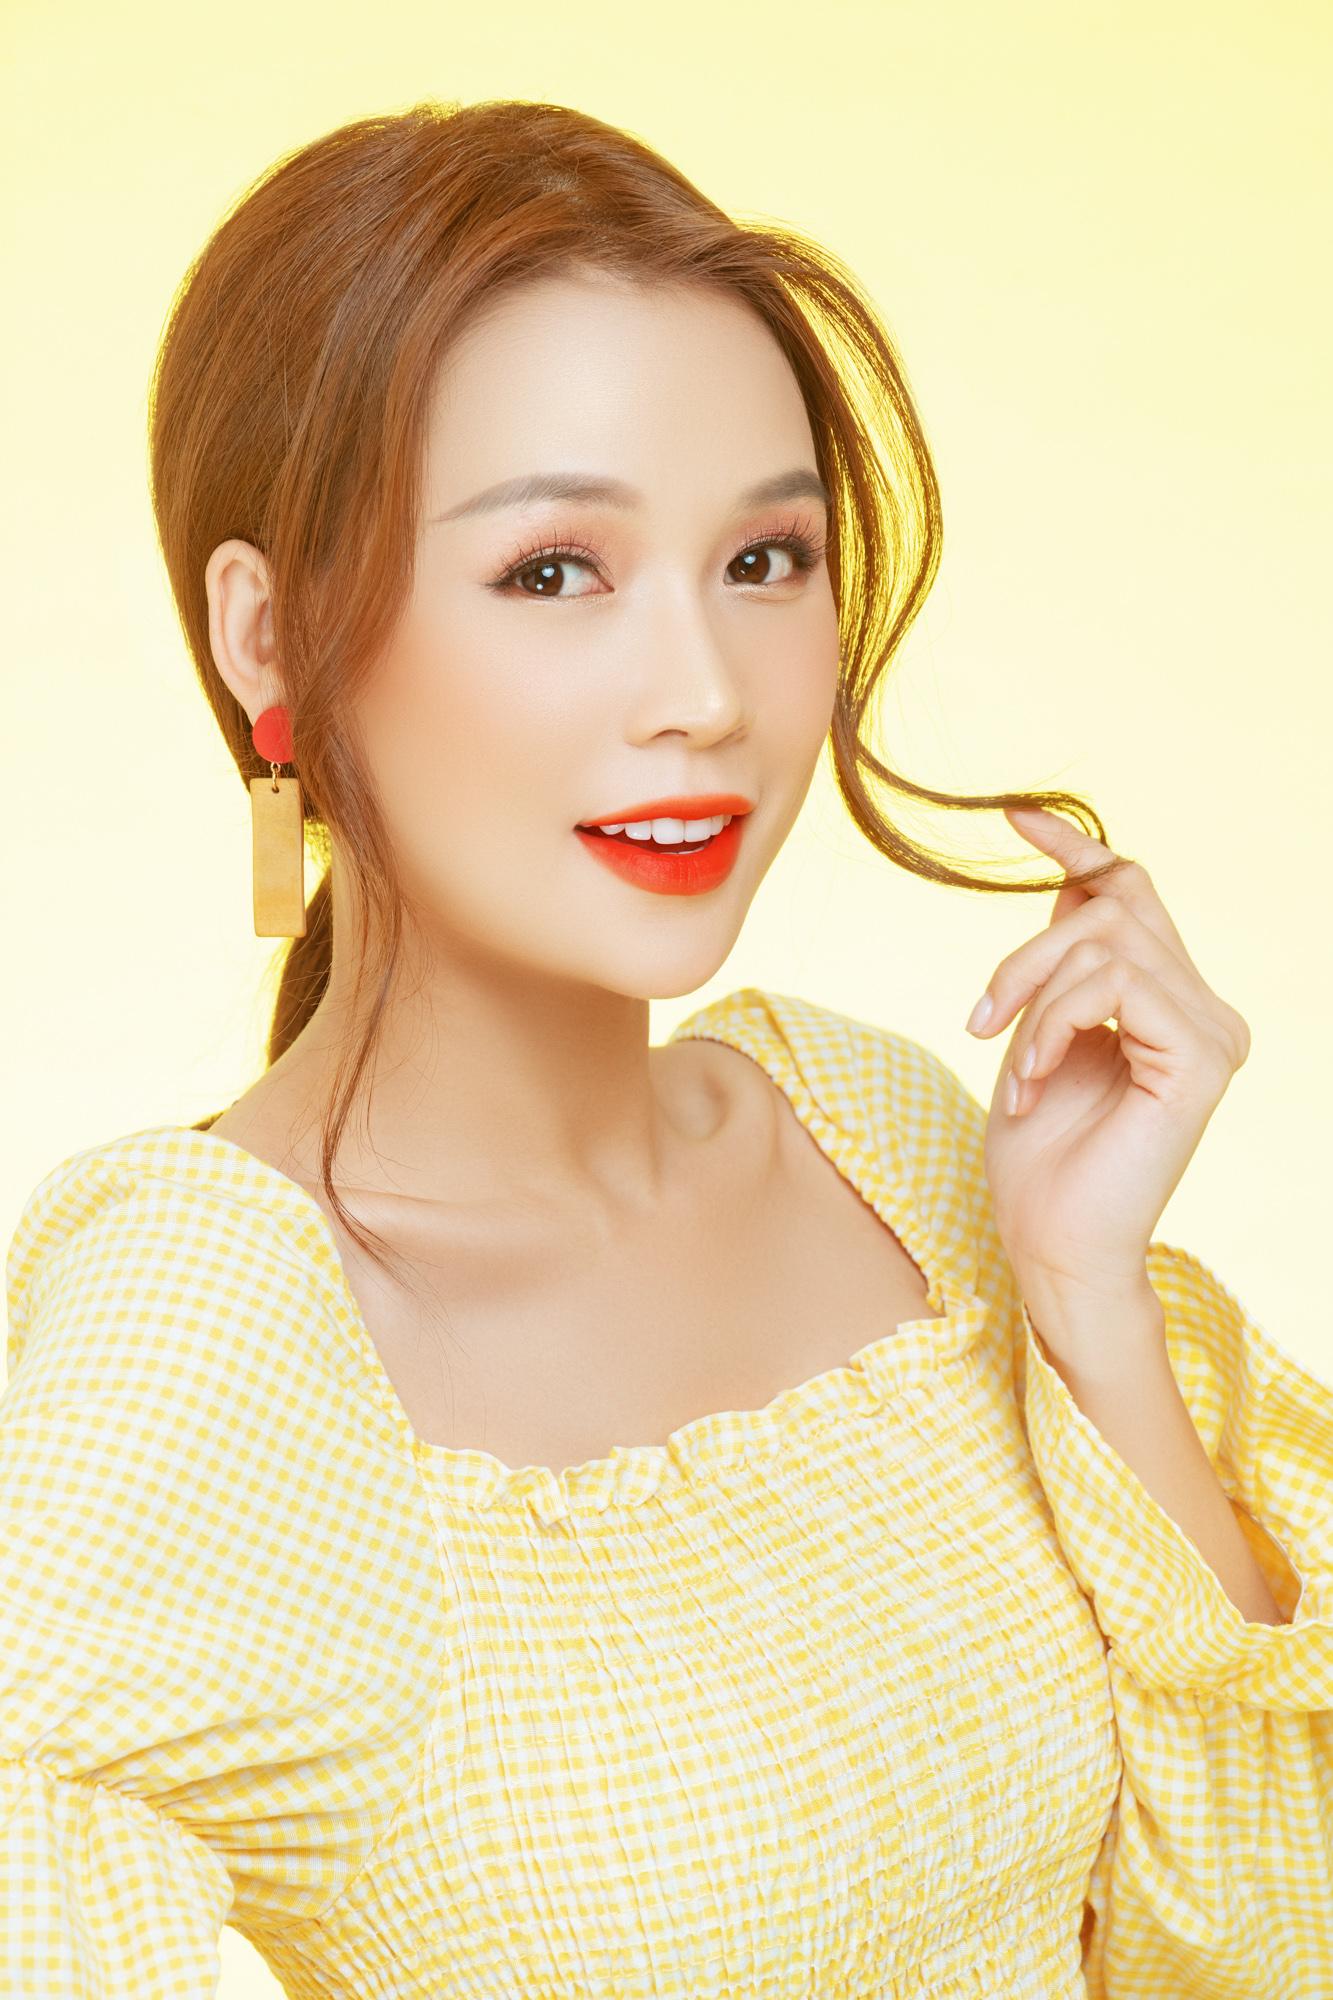 Với tông son đỏ cam tươi tắn, nổi bật kết hợp với style makeup tự nhiên, nhẹ nhàng giúp cô nàng ăn gian tuổi tác. Sự pha trộn giữa sắc đỏ và cam phù hợp với nhiều loại da và đang là màu sắc được các bạn nữ lựa chọn cho không khí ngày xuân sắp đến.